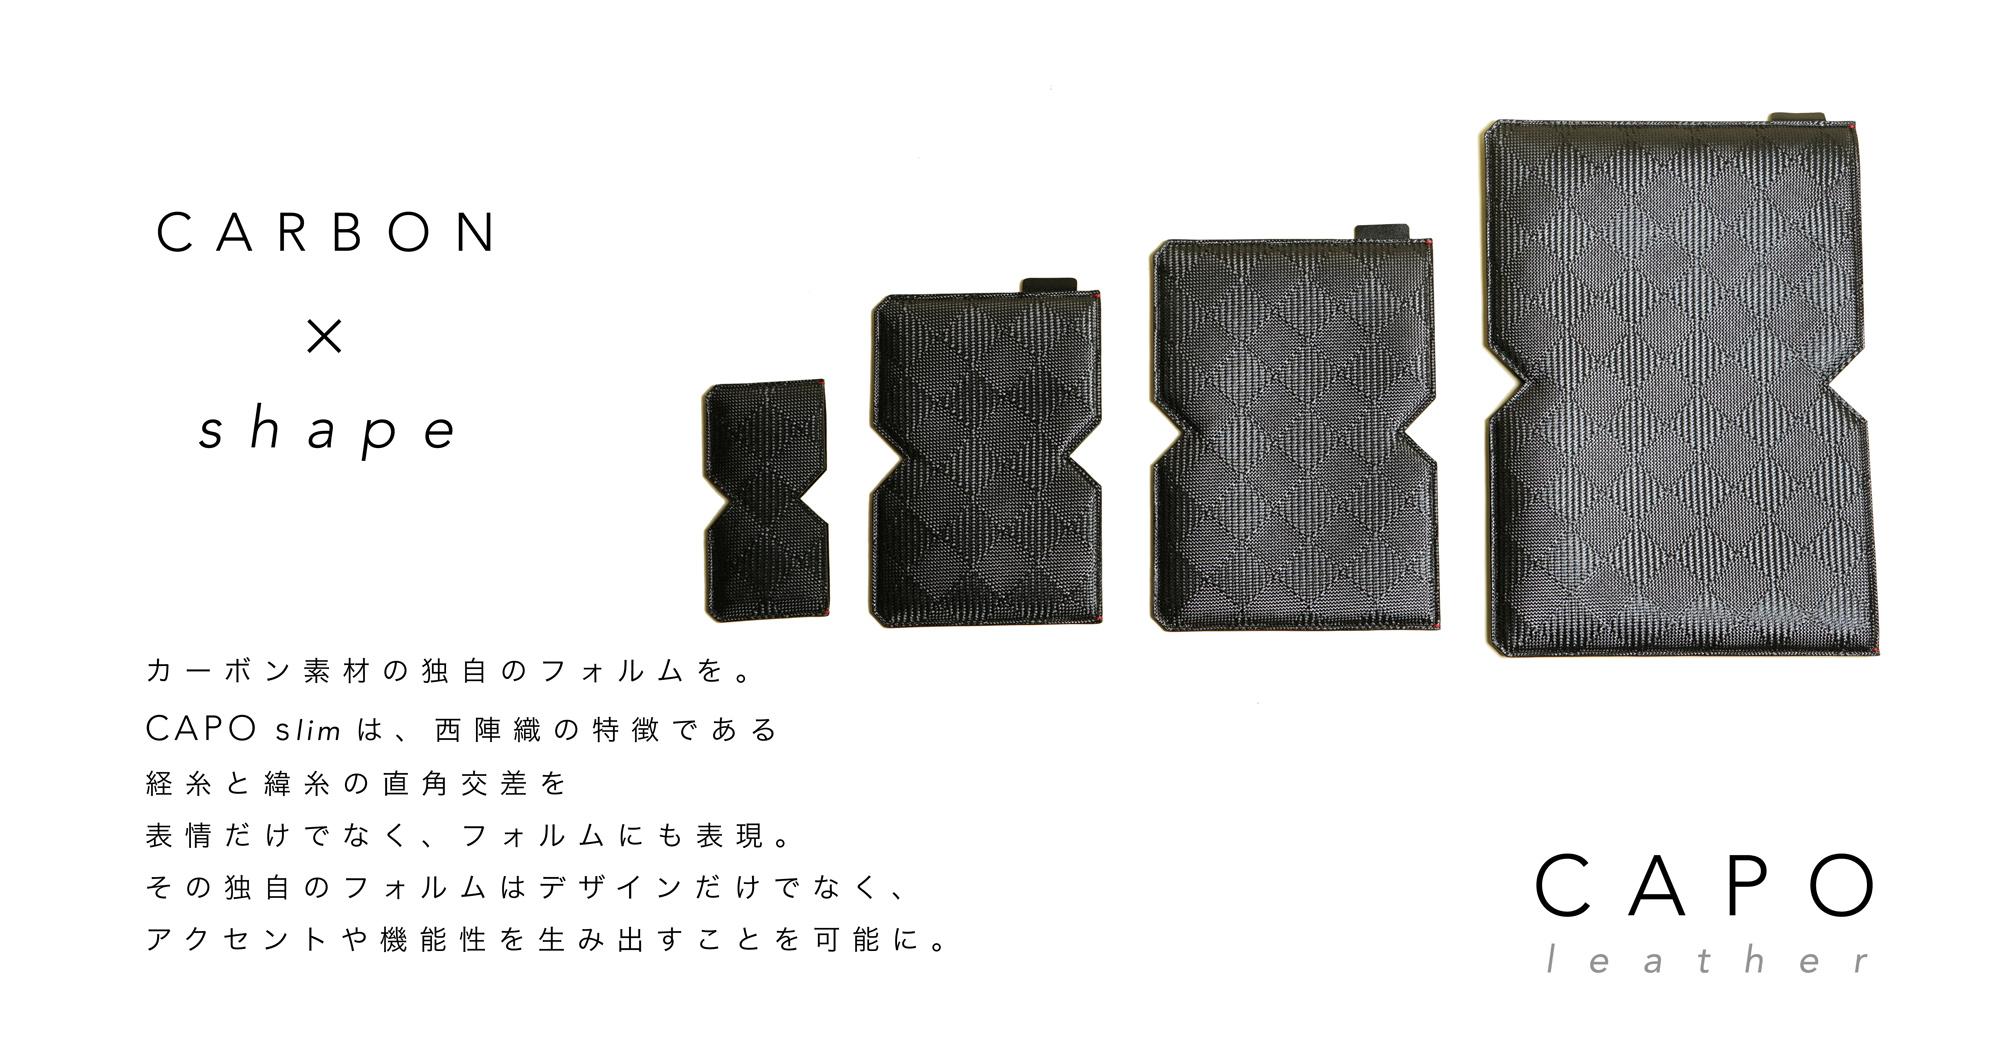 西陣織カーボン×レザーのMacBookケース 新型12inch対応